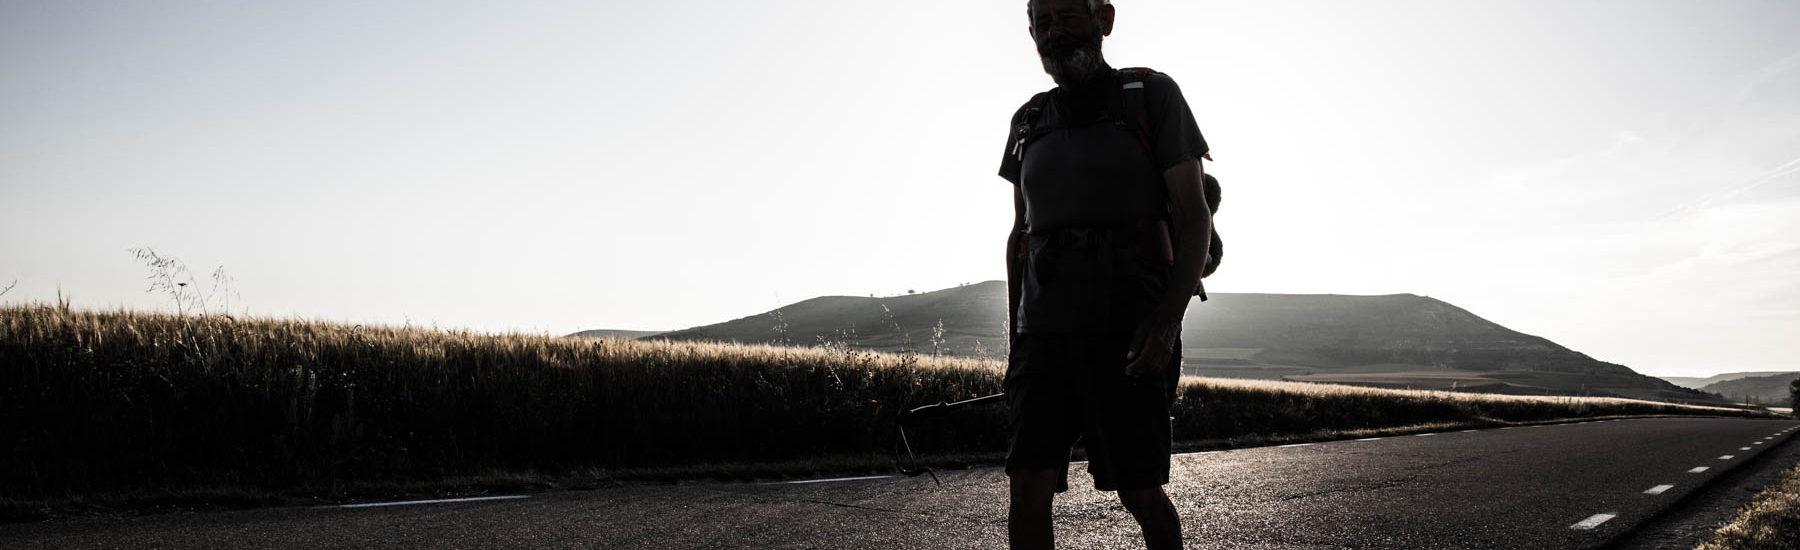 【サンティアゴ巡礼・フランス人の道】53日目:旅は何を変えてくれるか。 オンタナス 〜 ボアディージャ・デル・カミーノ 26km